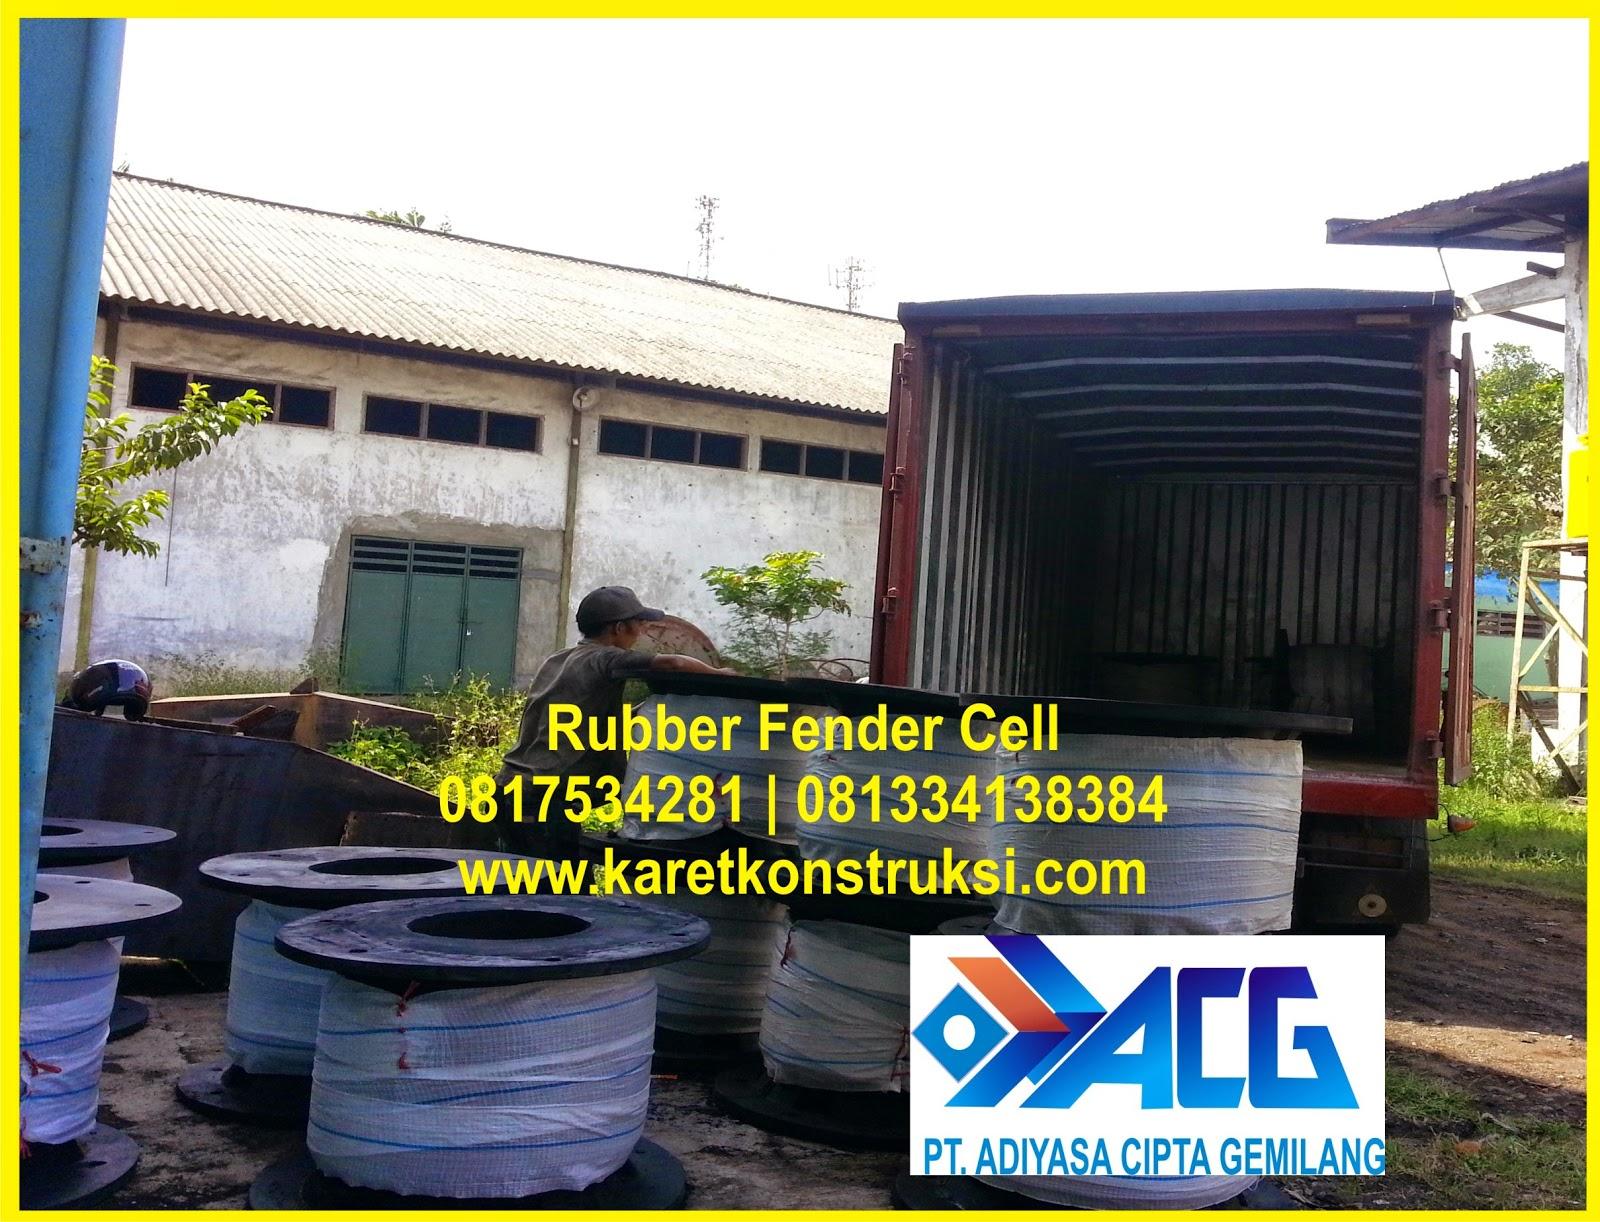 Jual Rubber fender , rubber fender jakarta , rubber fender type v , Harga rubber fender indonesia  , rubber fender specification , rubber fender surabaya